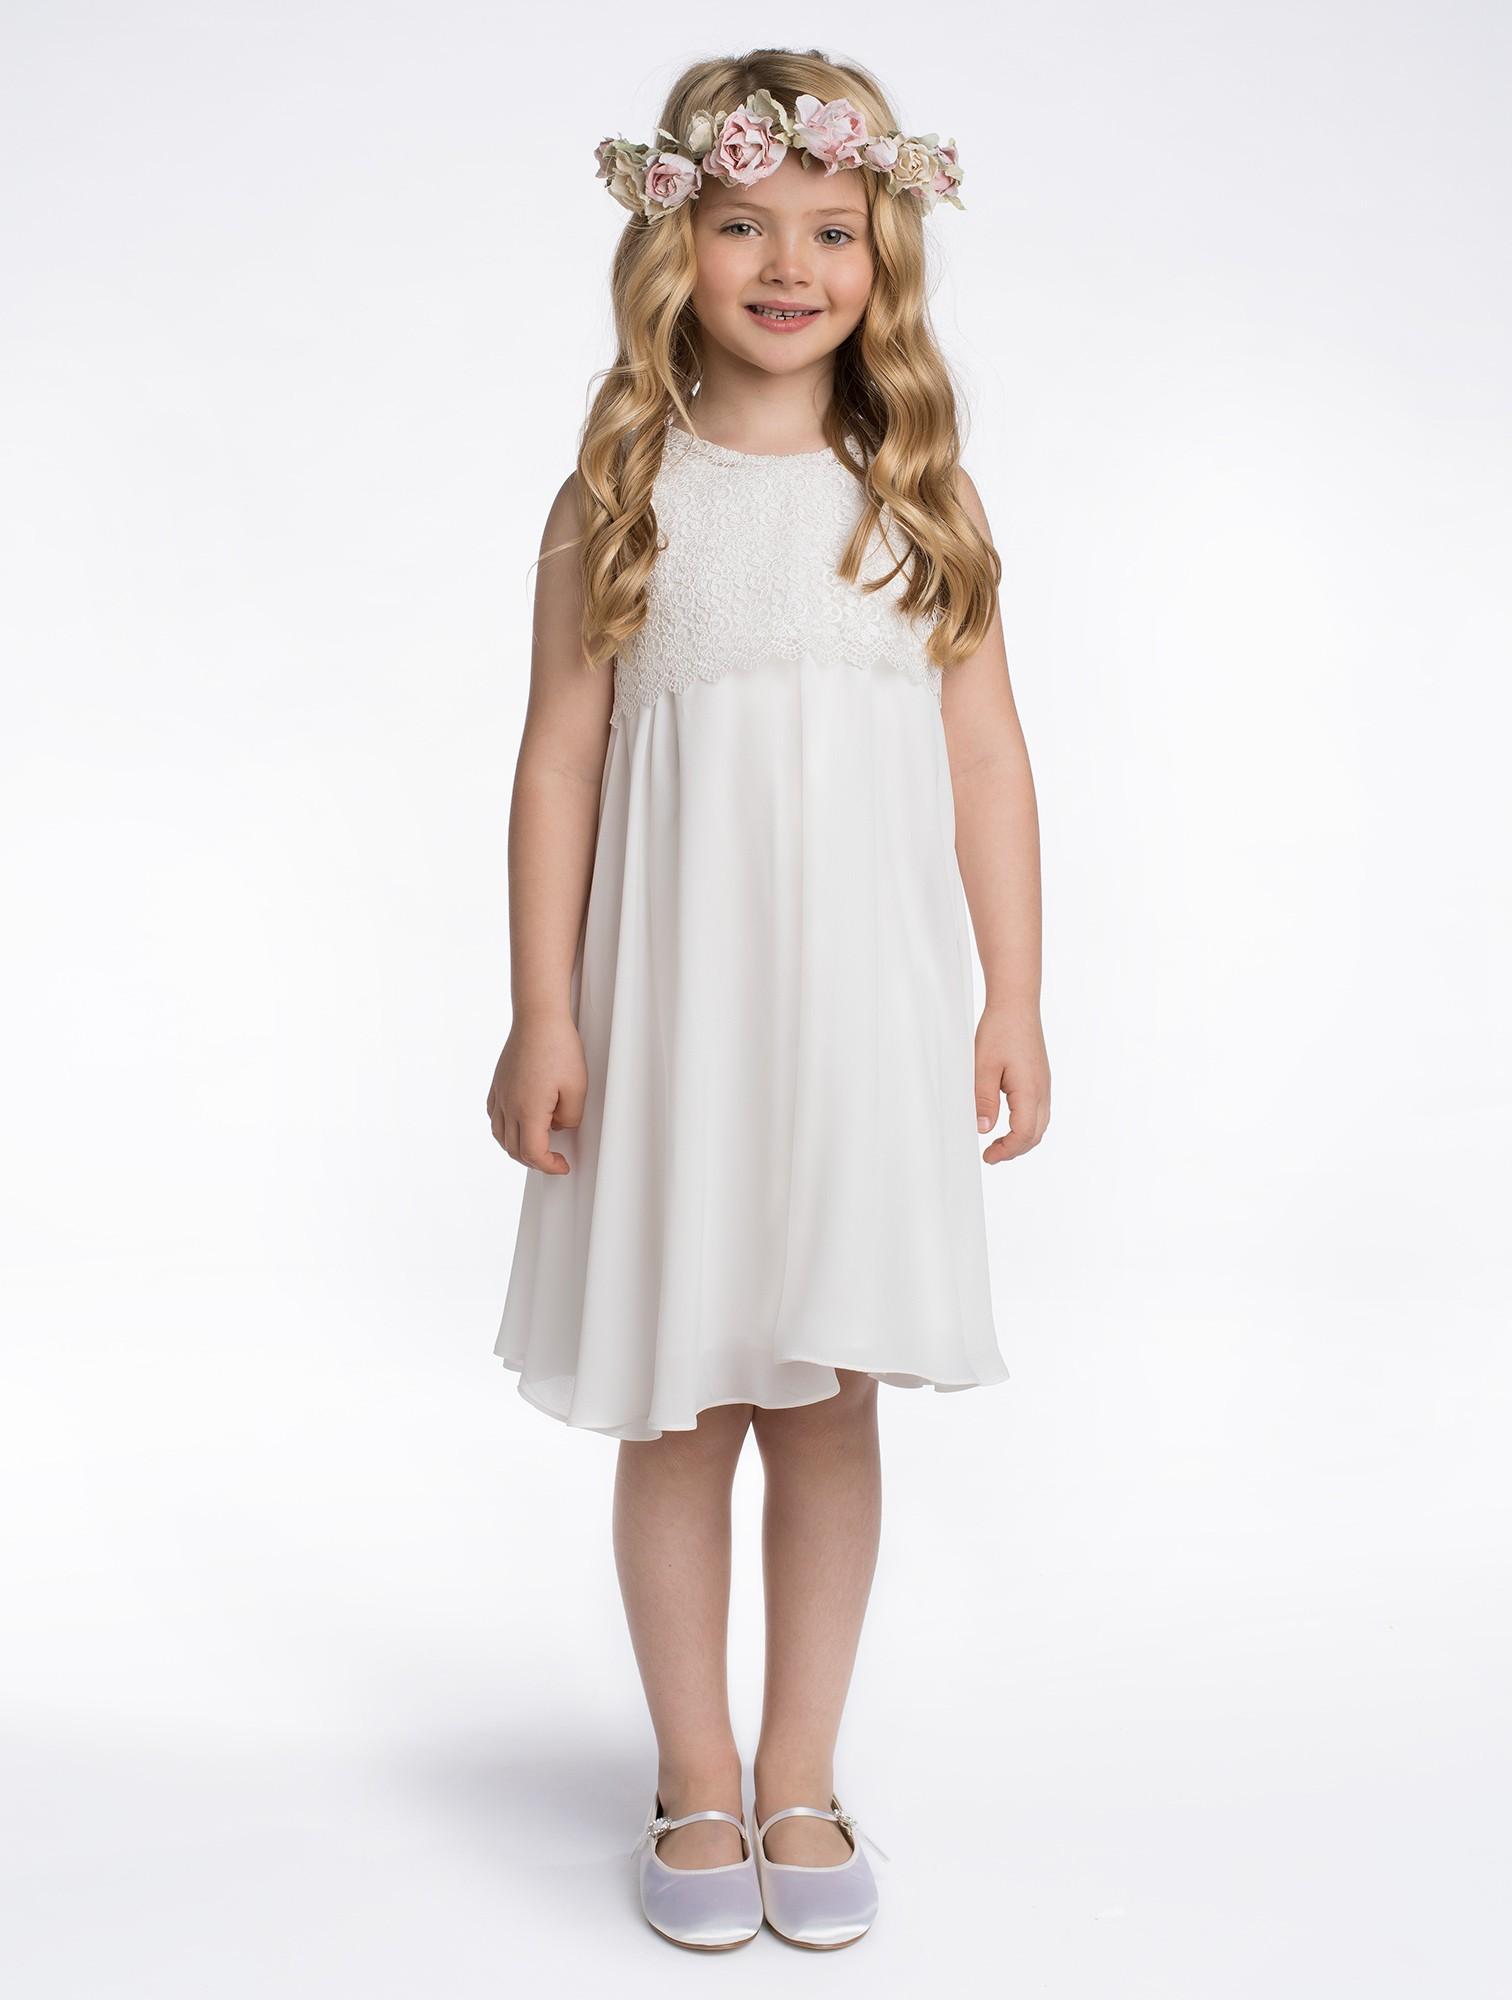 14a7d6af955 Dívčí šaty Tilly ivory 8-9 let